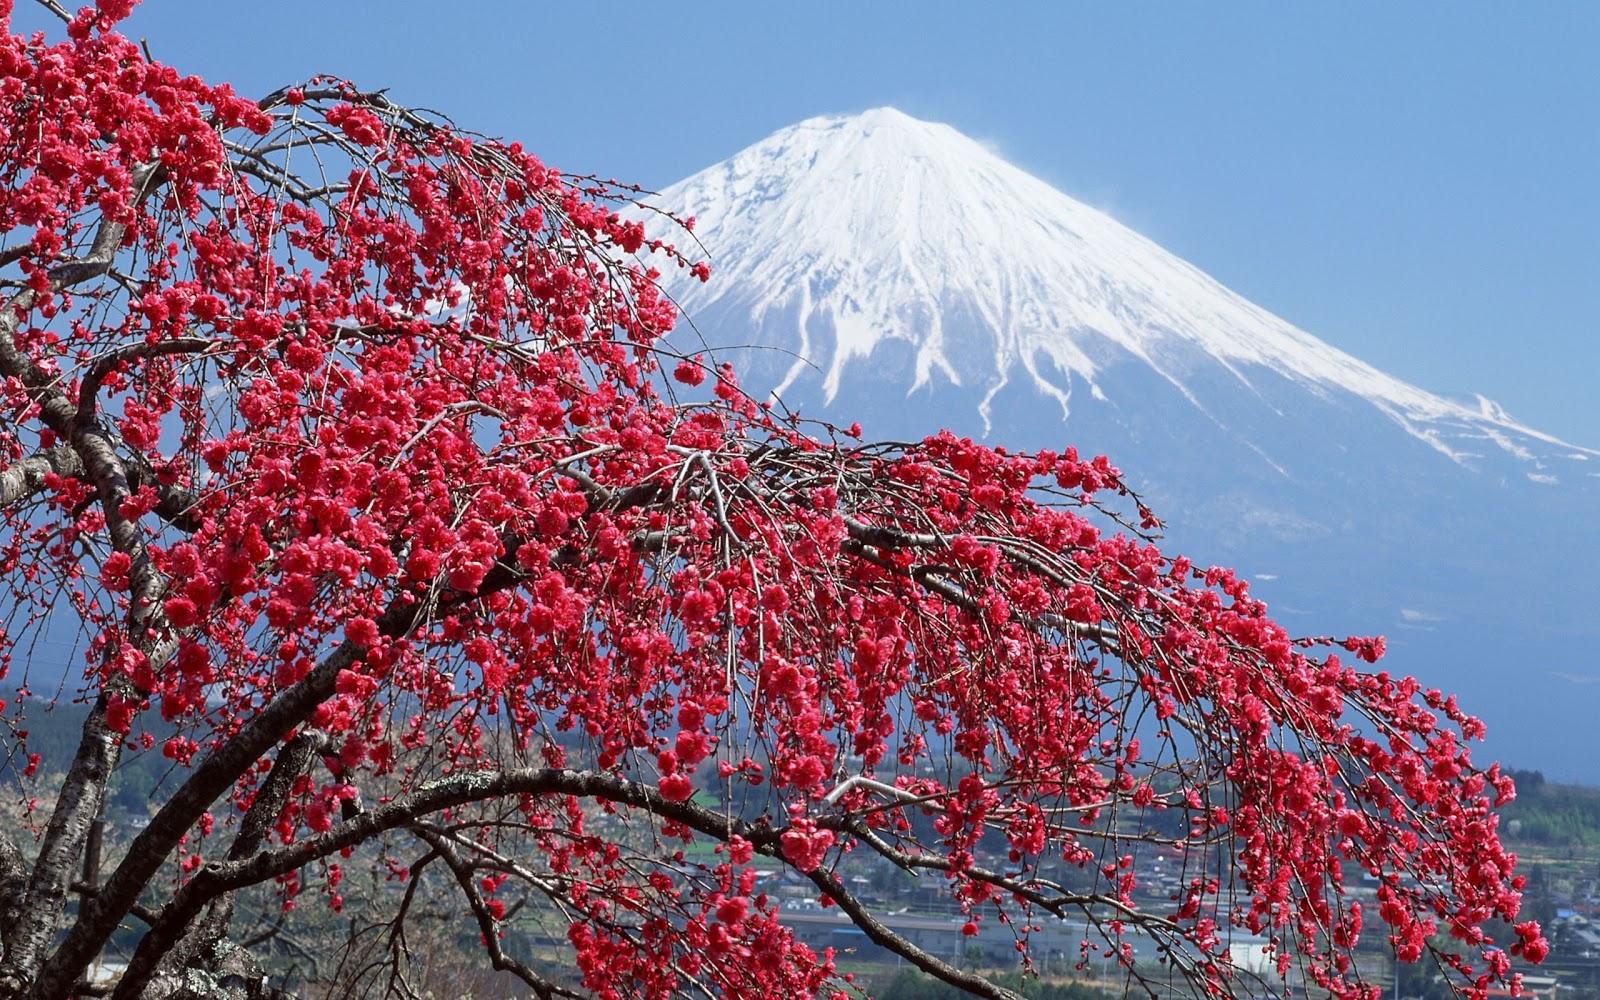 http://2.bp.blogspot.com/-X4NwhC5oCek/T47EmBHcY7I/AAAAAAAADUE/3pJjzww51Sk/s1600/japan-mountain-backdrop-windows-8-wallpaper-2560x1600.jpg